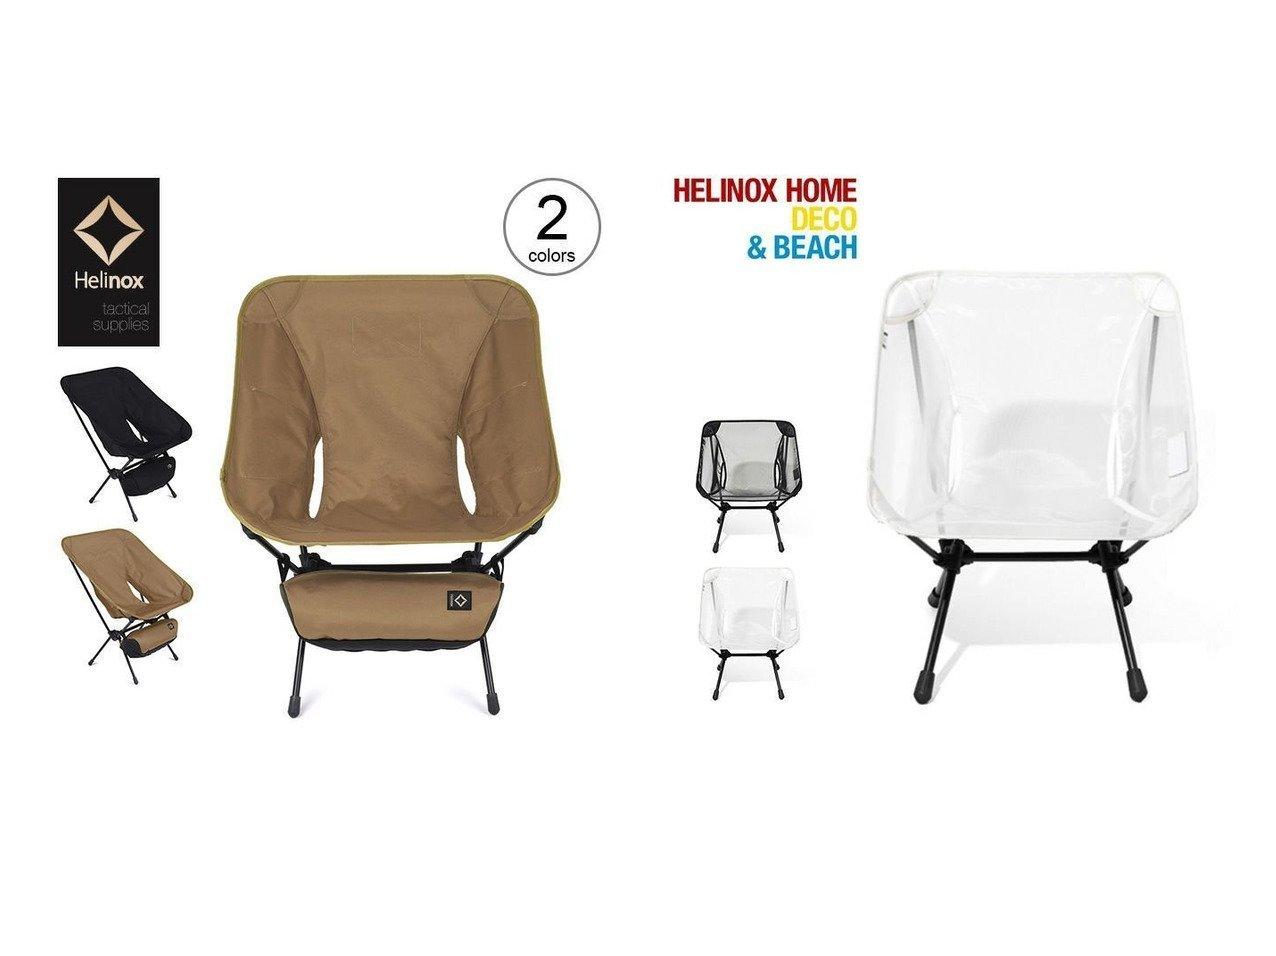 【Helinox/ヘリノックス】のTAC タクティカルチェアL&HOME チェアホーム ミニ サマーキット おすすめ!人気キャンプ・アウトドア用品の通販 おすすめで人気の流行・トレンド、ファッションの通販商品 メンズファッション・キッズファッション・インテリア・家具・レディースファッション・服の通販 founy(ファニー) https://founy.com/ テーブル フレーム サマー ビーチ メッシュ ホーム・キャンプ・アウトドア Home,Garden,Outdoor,Camping Gear キャンプ用品・アウトドア  Camping Gear & Outdoor Supplies チェア テーブル Camp Chairs, Camping Tables |ID:crp329100000035819